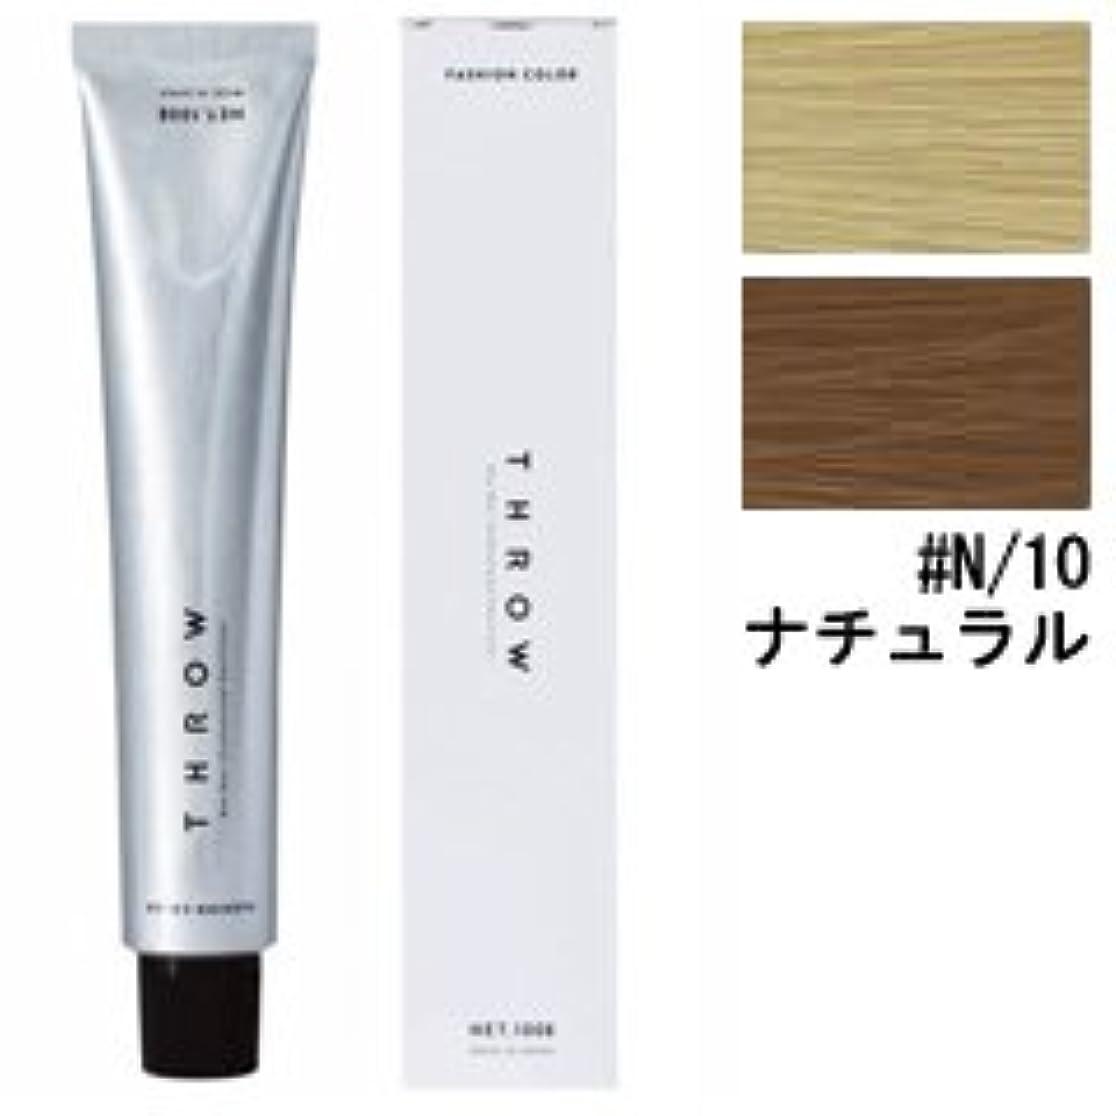 スリラー液化する潤滑する【モルトベーネ】スロウ ファッションカラー #N/10 ナチュラル 100g